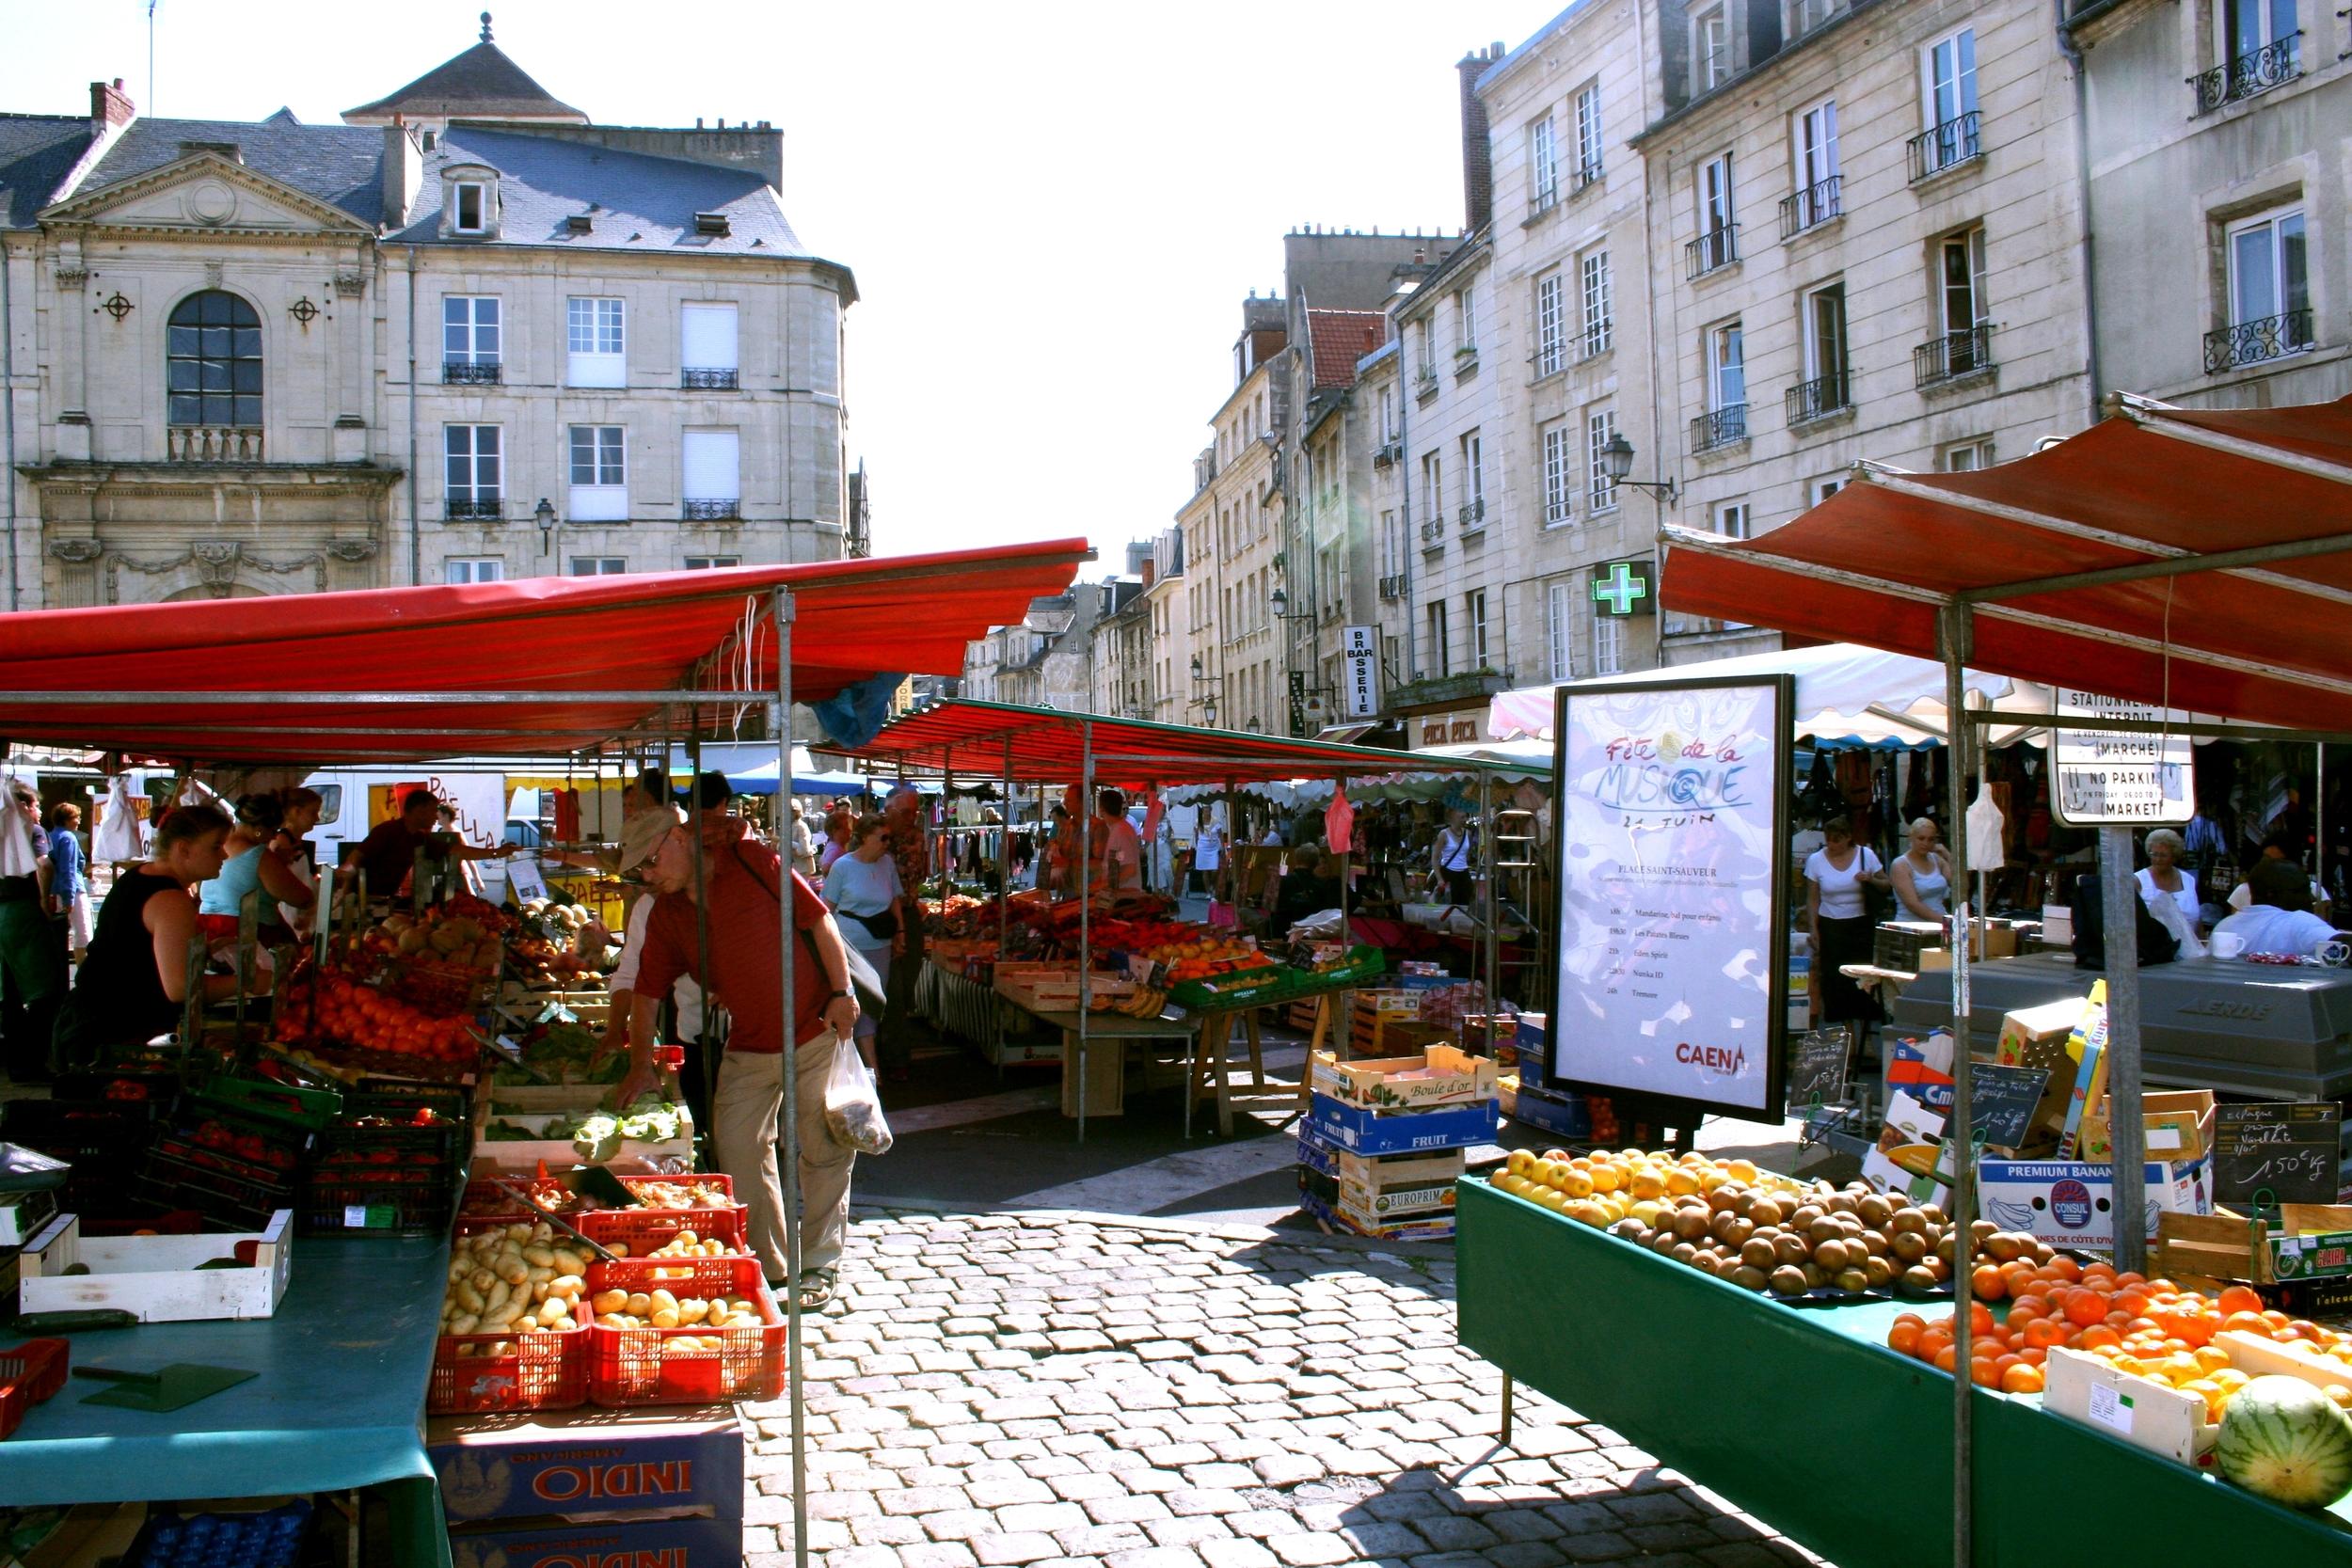 Le marché de Caen